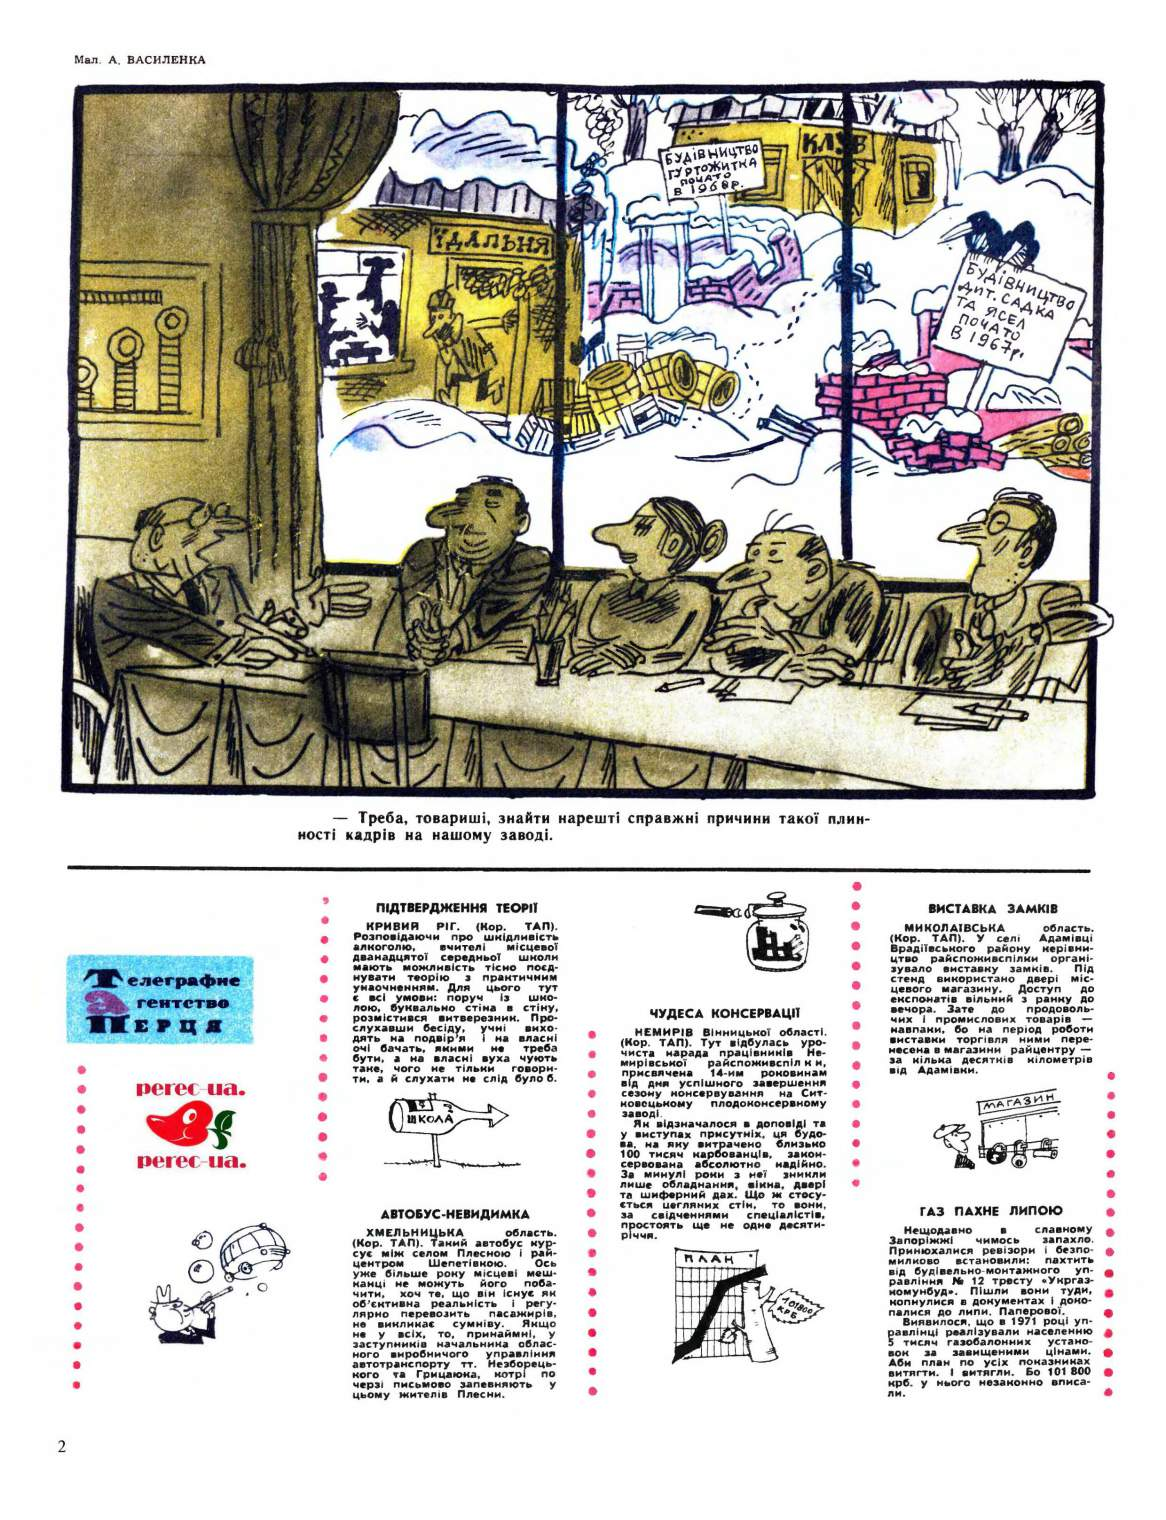 Журнал перець 1973 №02